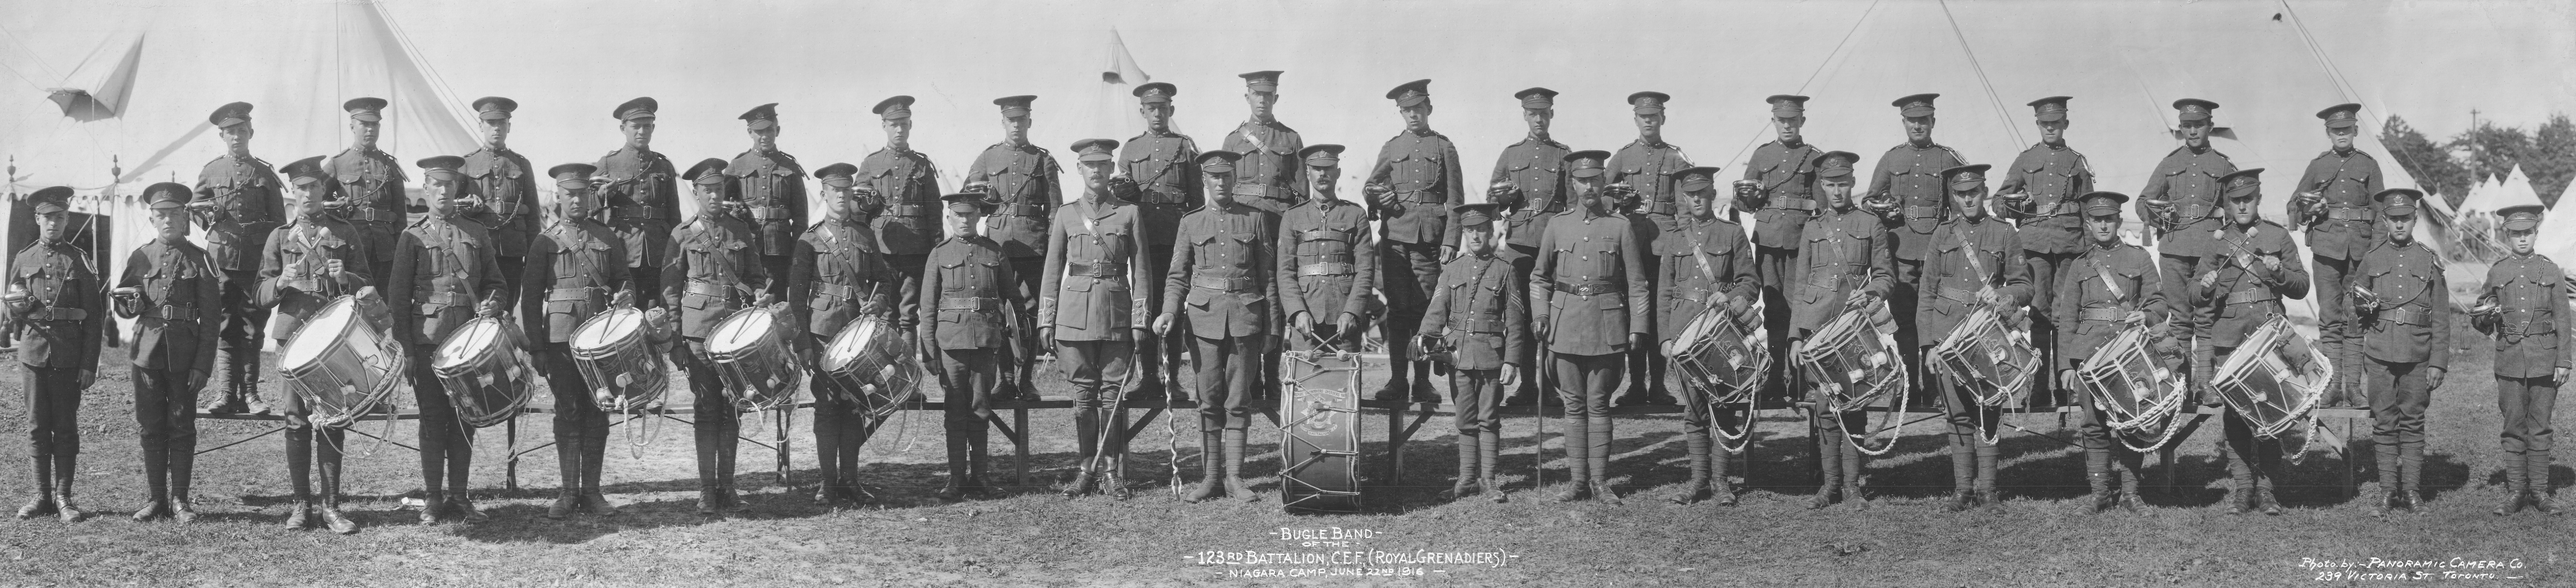 123rd Bugle Band Niagara-1